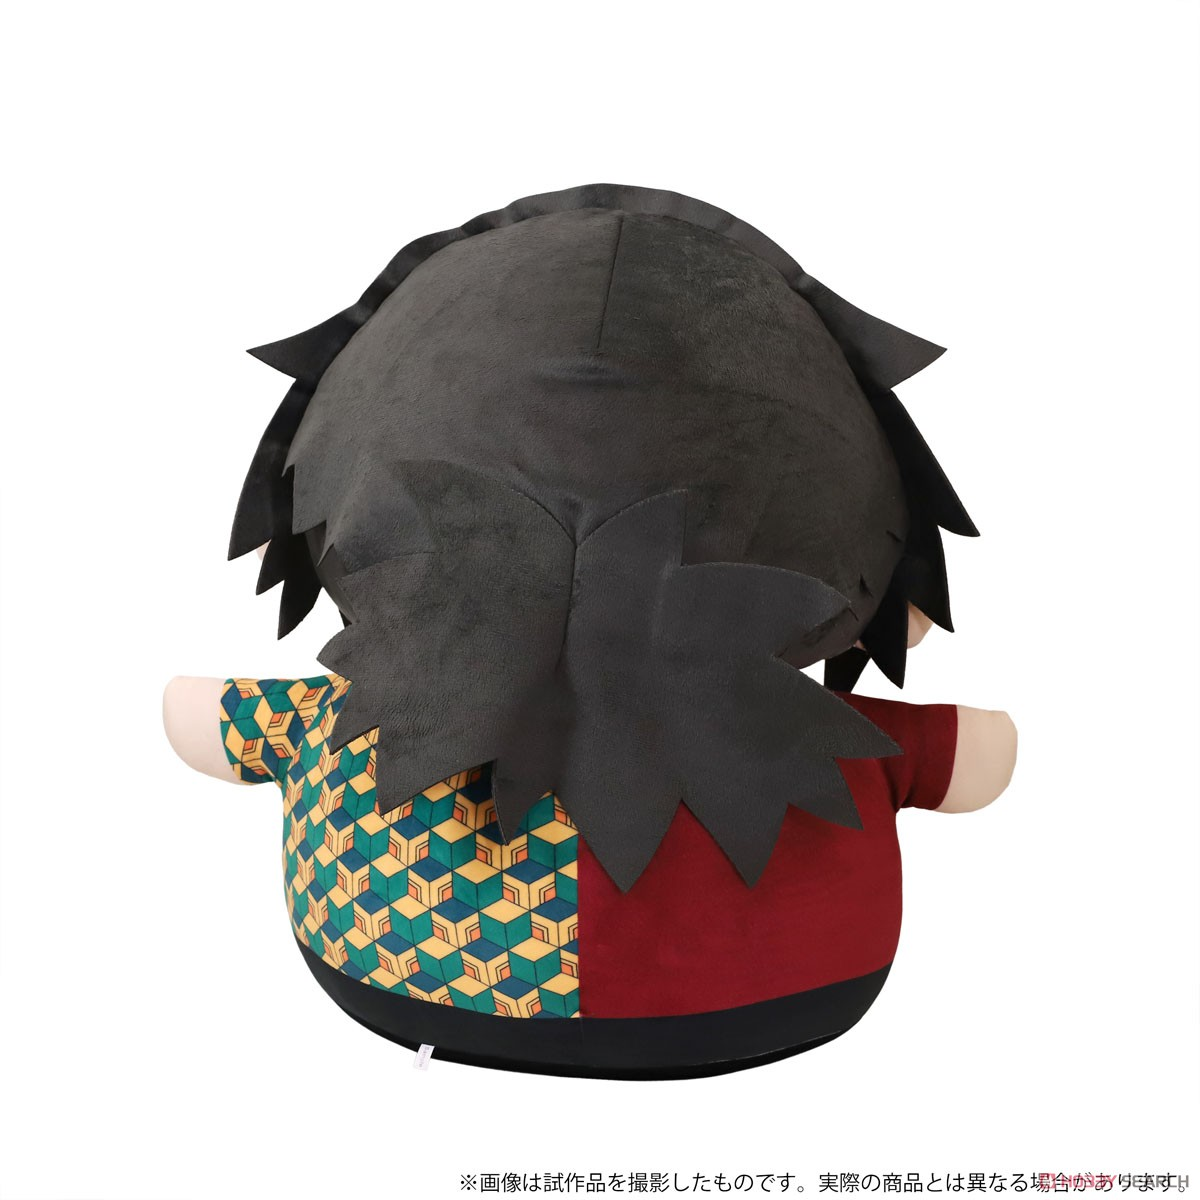 鬼滅の刃『もっとおっきいまめめいと 竈門炭治郎』ぬいぐるみマスコット-009